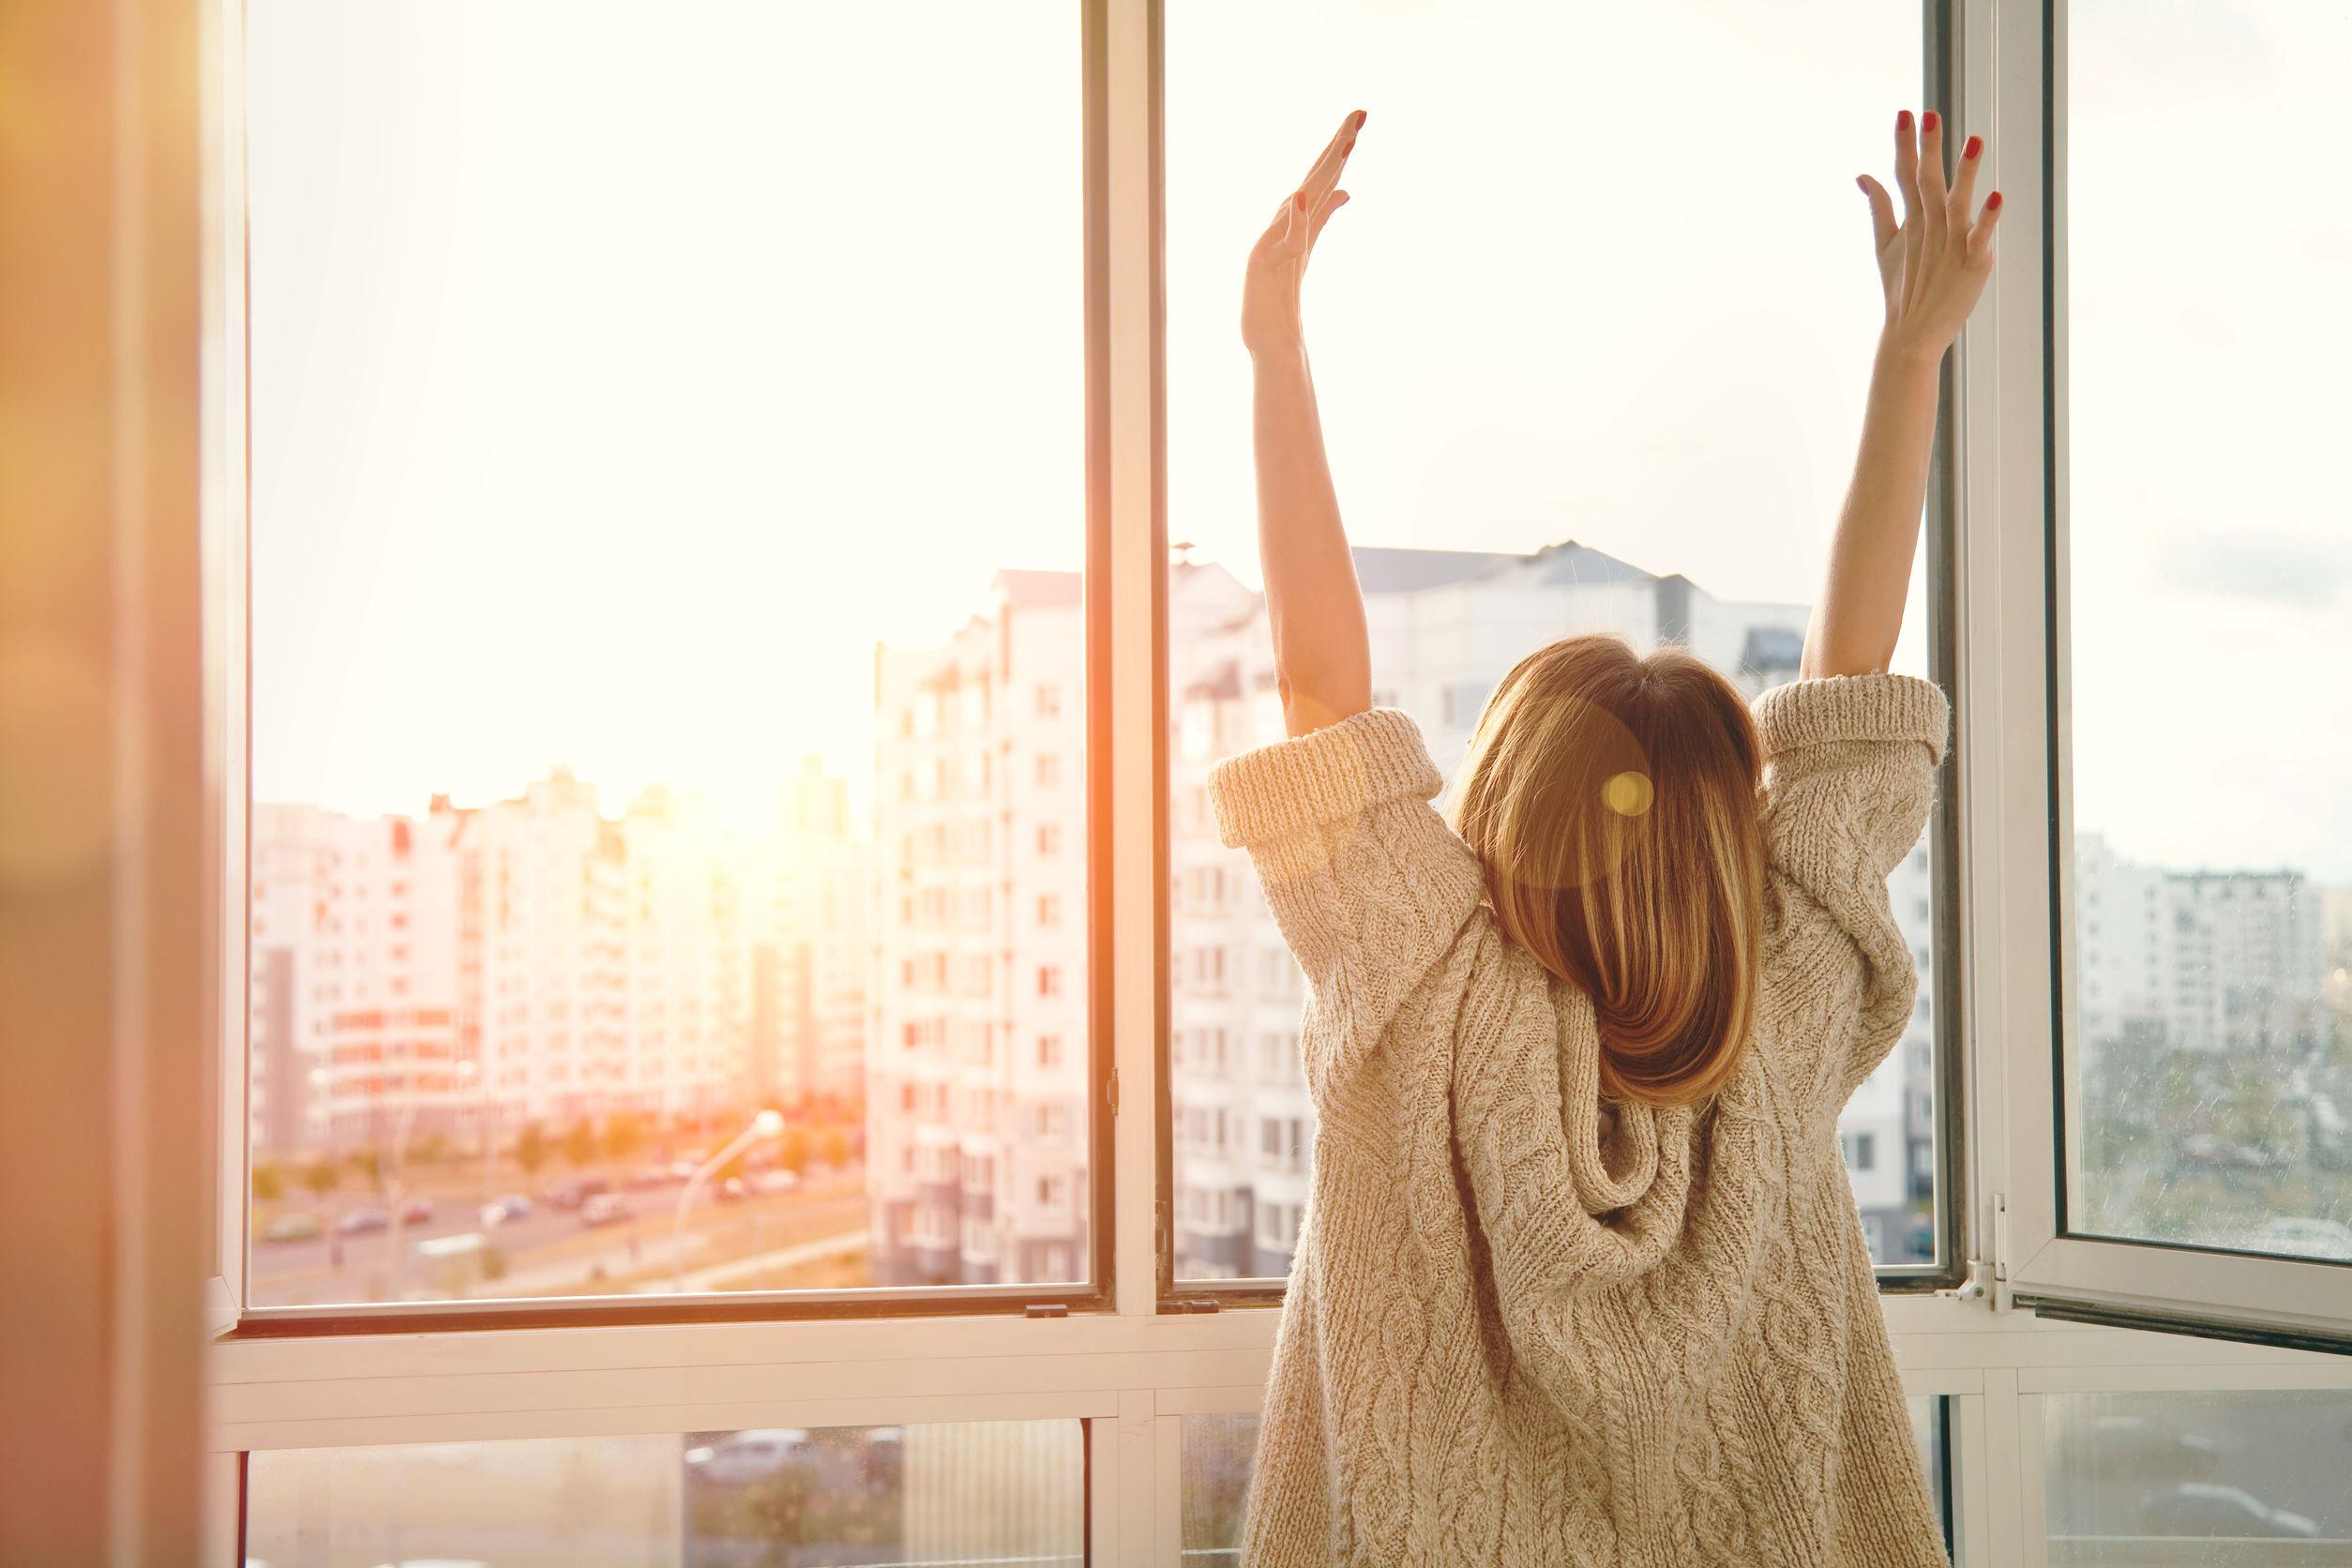 Hogyan aludjunk: csukott vagy nyitott ablaknál?